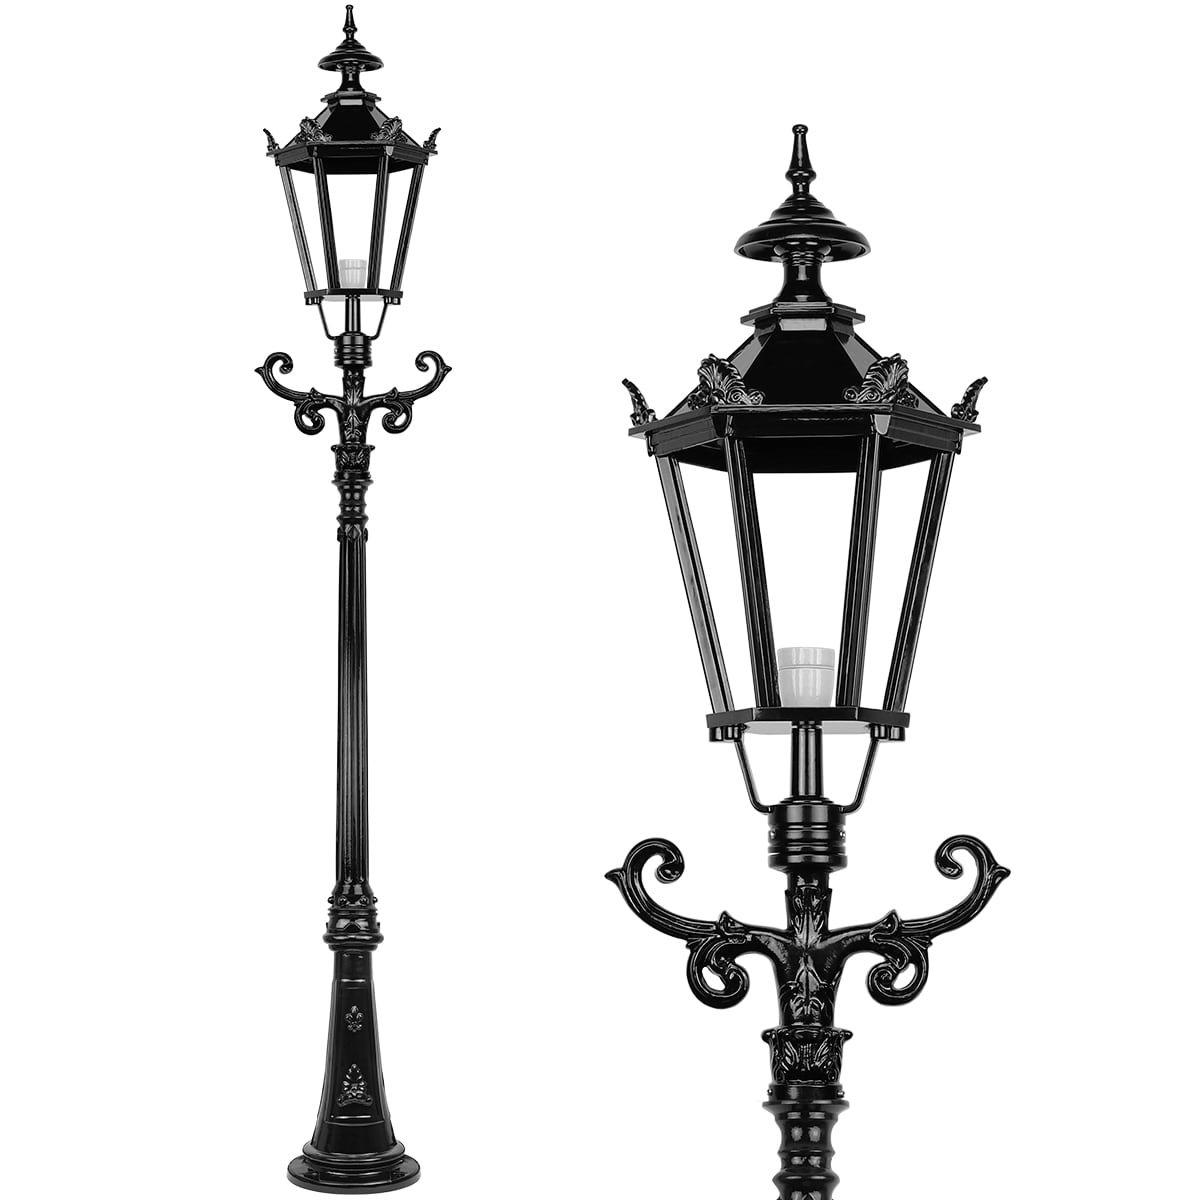 Outdoor Lighting Classic Rural Crown lantern standing Sauwerd - 275 cm